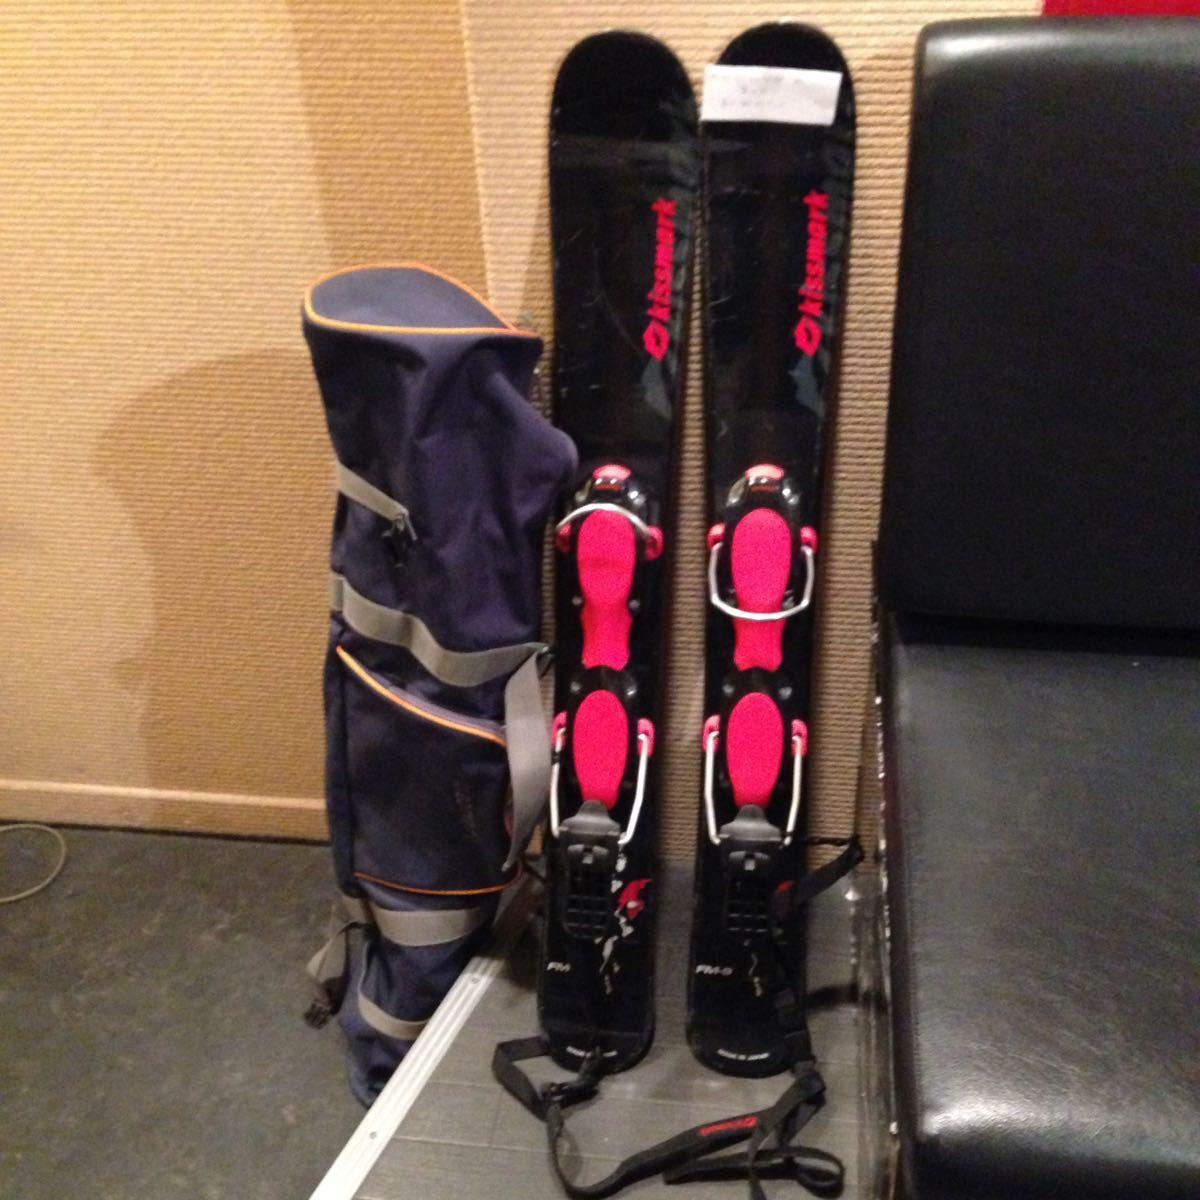 キスマーク ショートスキー板 黒×赤 収納ケース付き 長さ約 98.5cm_画像1